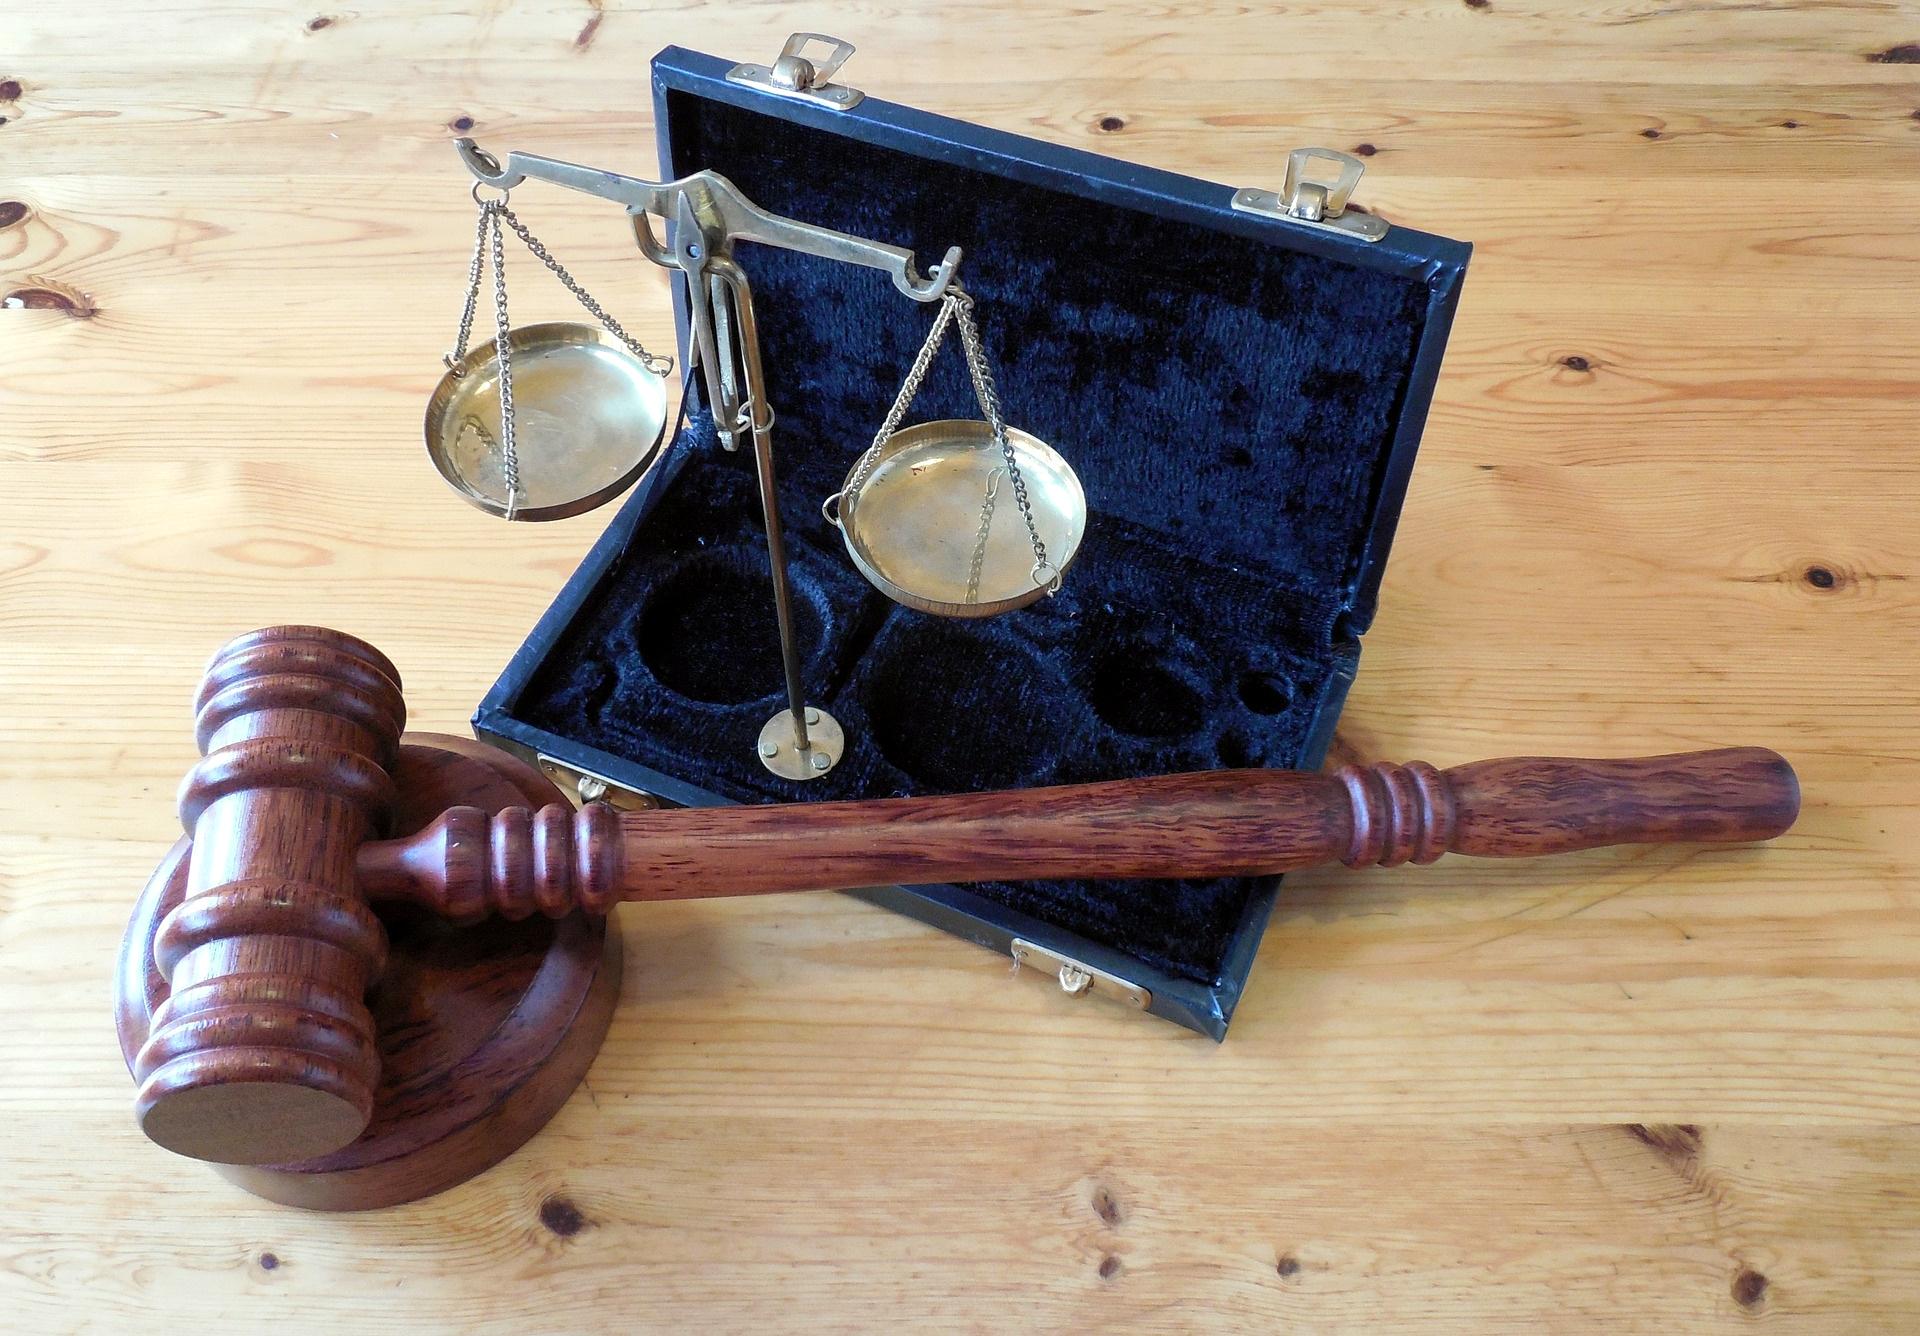 Kolejny wyrok w sprawie diet i ryczałtów. Sąd nie uwzględnił praktyki przyjętej w firmach transportowych